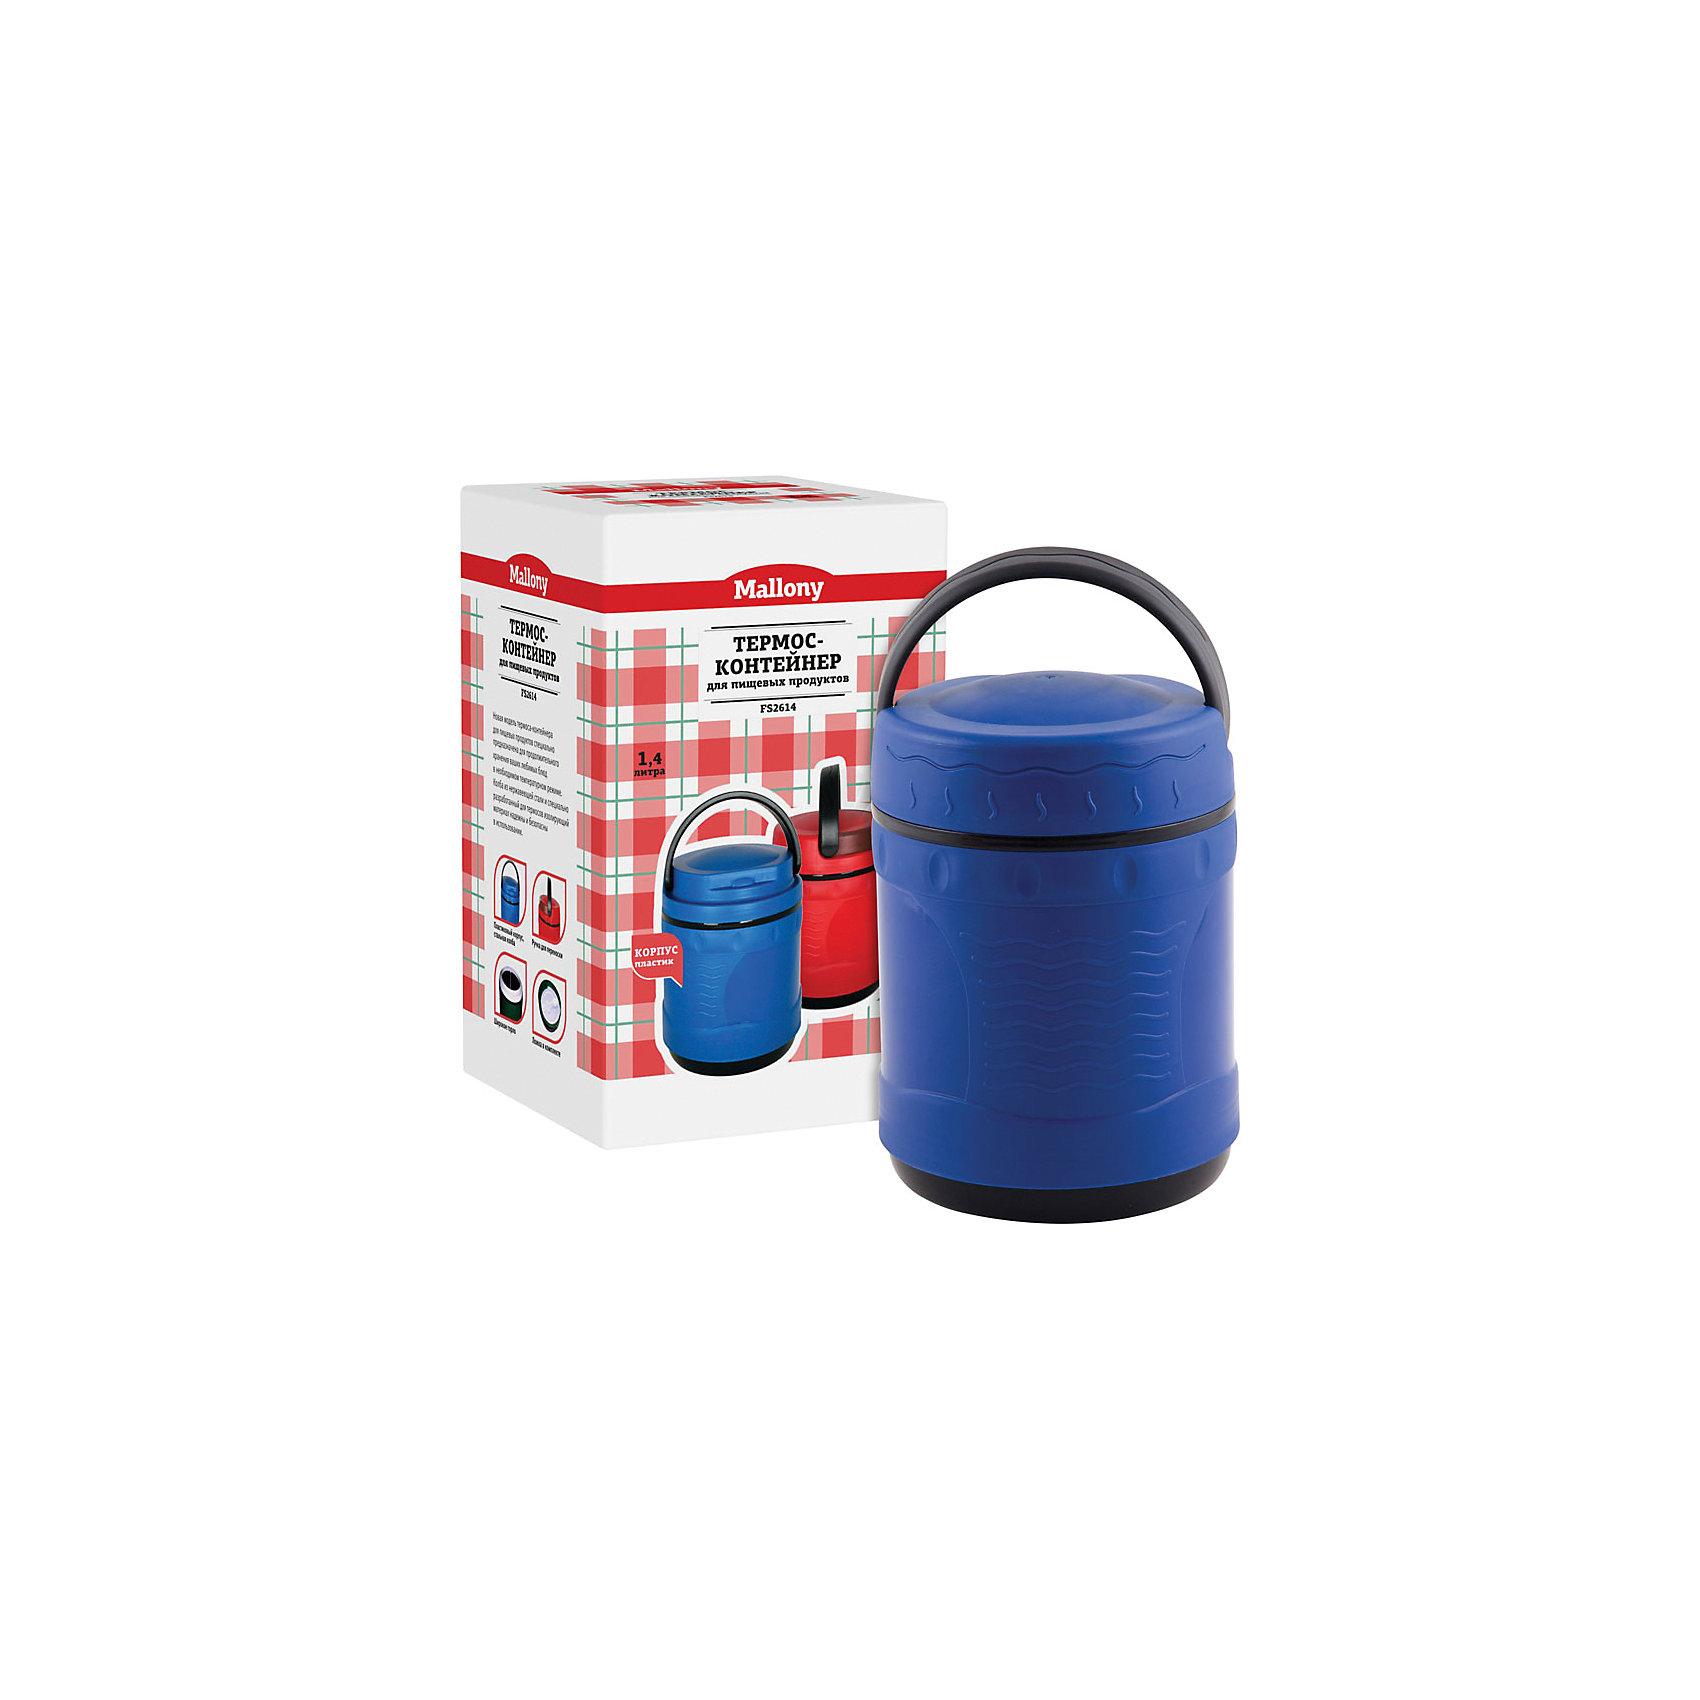 Термос FS2614 1,4 л нерж сталь, Mallony, в ассорт.Термос-контейнер для первых и вторых блюд надолго сохраняет тепло пищевых, дает возможность кушать пищевые продукты горячими. Термос с широким горлышком, крышкой и ручкой для переноски.<br><br>Дополнительная информация:<br><br>Размер термоса: 23х15х15 см<br>Объем термоса: 1,4 л<br><br>Материал: <br>колба – нержавеющая сталь; <br>корпус – пластик.<br><br>ВНИМАНИЕ! Данный артикул имеется в наличии в разных цветовых исполнениях (красный, синий, зеленый, желтый). <br>К сожалению, заранее выбрать определенный цвет невозможно.<br><br>Термос FS2614 1,4 л нерж сталь, Mallony, в ассорт. можно купить в нашем интернет-магазине.<br><br>Ширина мм: 150<br>Глубина мм: 150<br>Высота мм: 220<br>Вес г: 667<br>Возраст от месяцев: 6<br>Возраст до месяцев: 1080<br>Пол: Унисекс<br>Возраст: Детский<br>SKU: 4989850